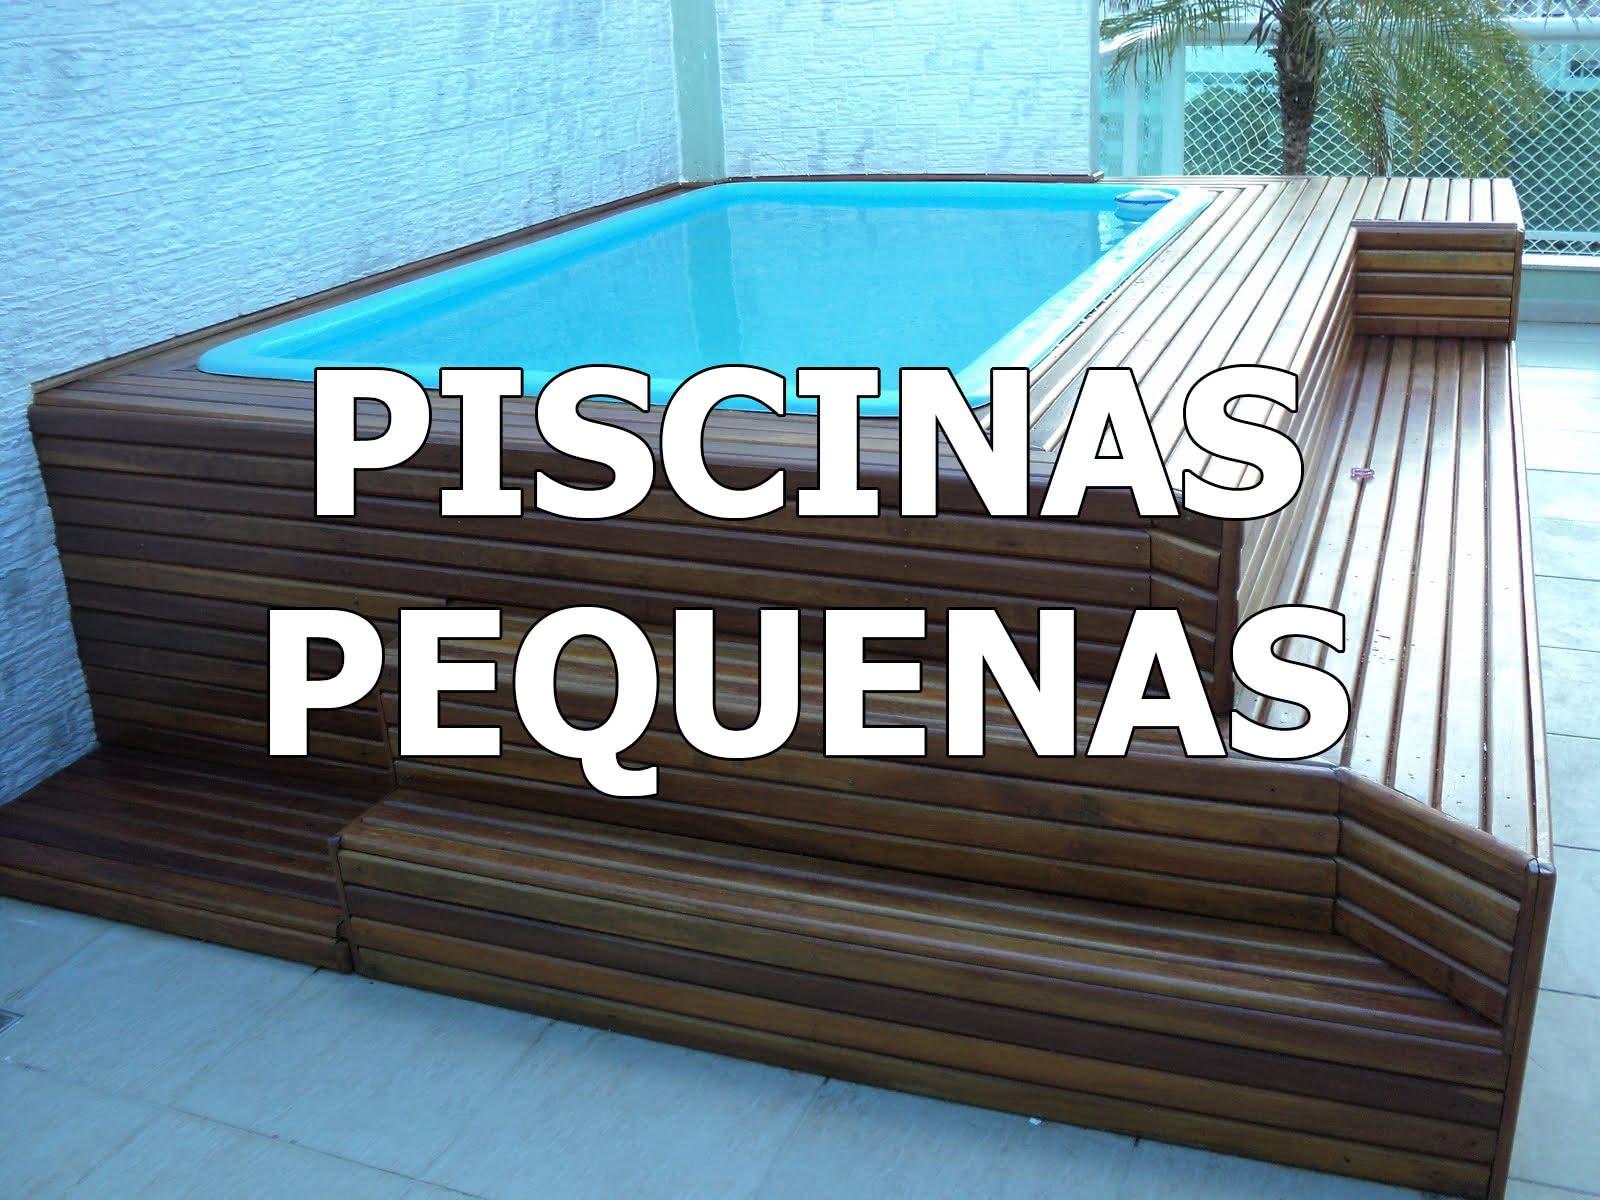 Piscina Pequeas Piscina Pequeas Piscina De Vinil Full